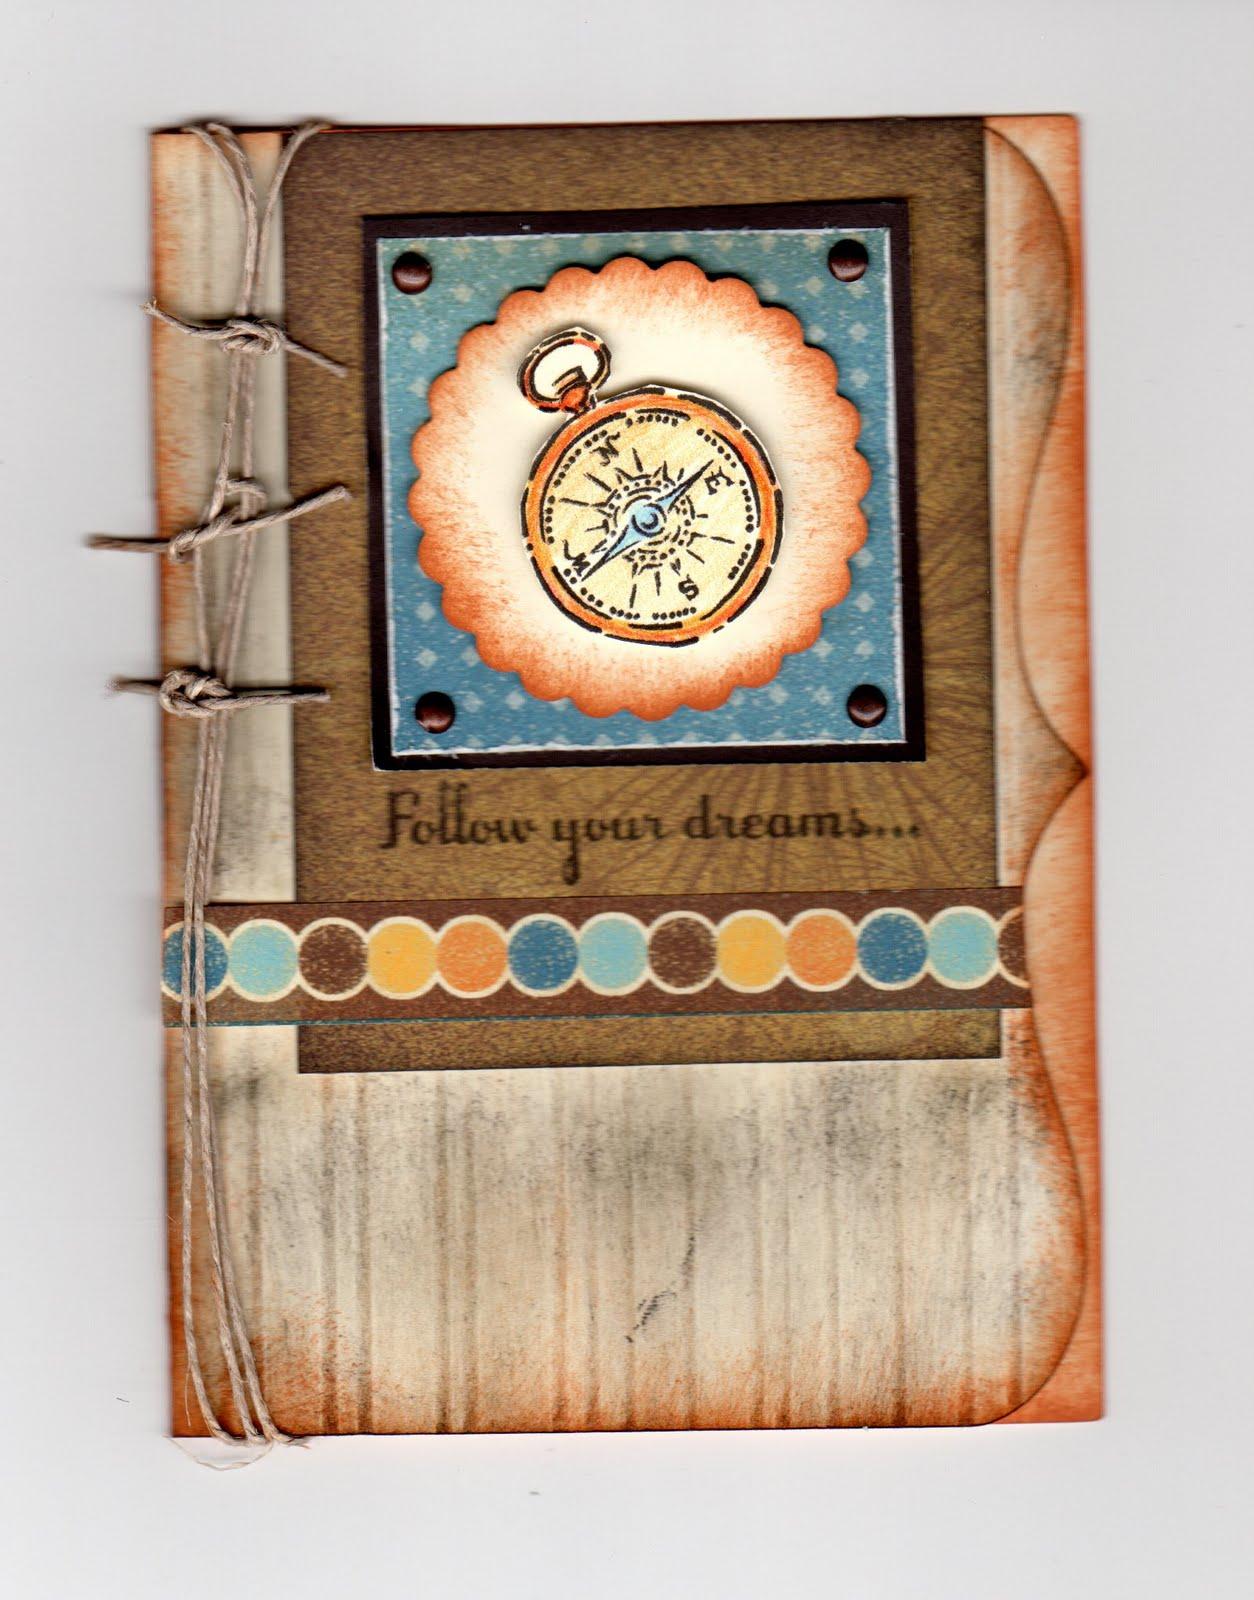 http://3.bp.blogspot.com/-02vimZVSggM/Tl_7q_Nc5dI/AAAAAAAAACE/Xxa7QUxW89c/s1600/Art+Philosophy+card+shapes004.jpg